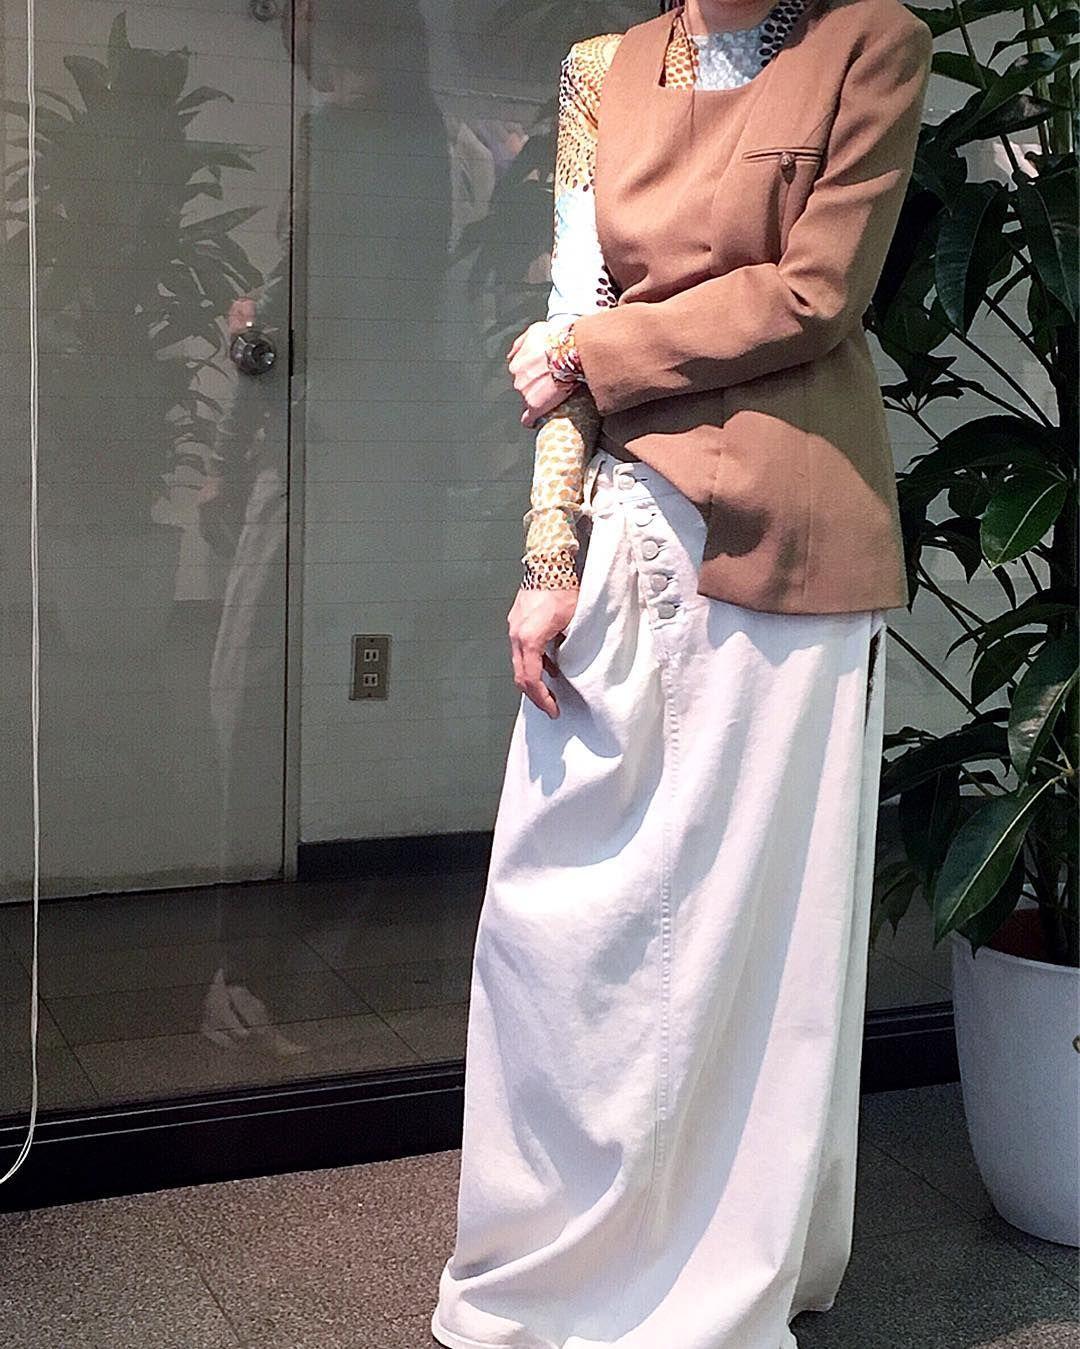 展示会スタイリング インナー:kotohayokozawa トップス:HIDAKA スカート:kotohayokozawa  #kotohayokozawa #HIDAKA by kotohayokozawa